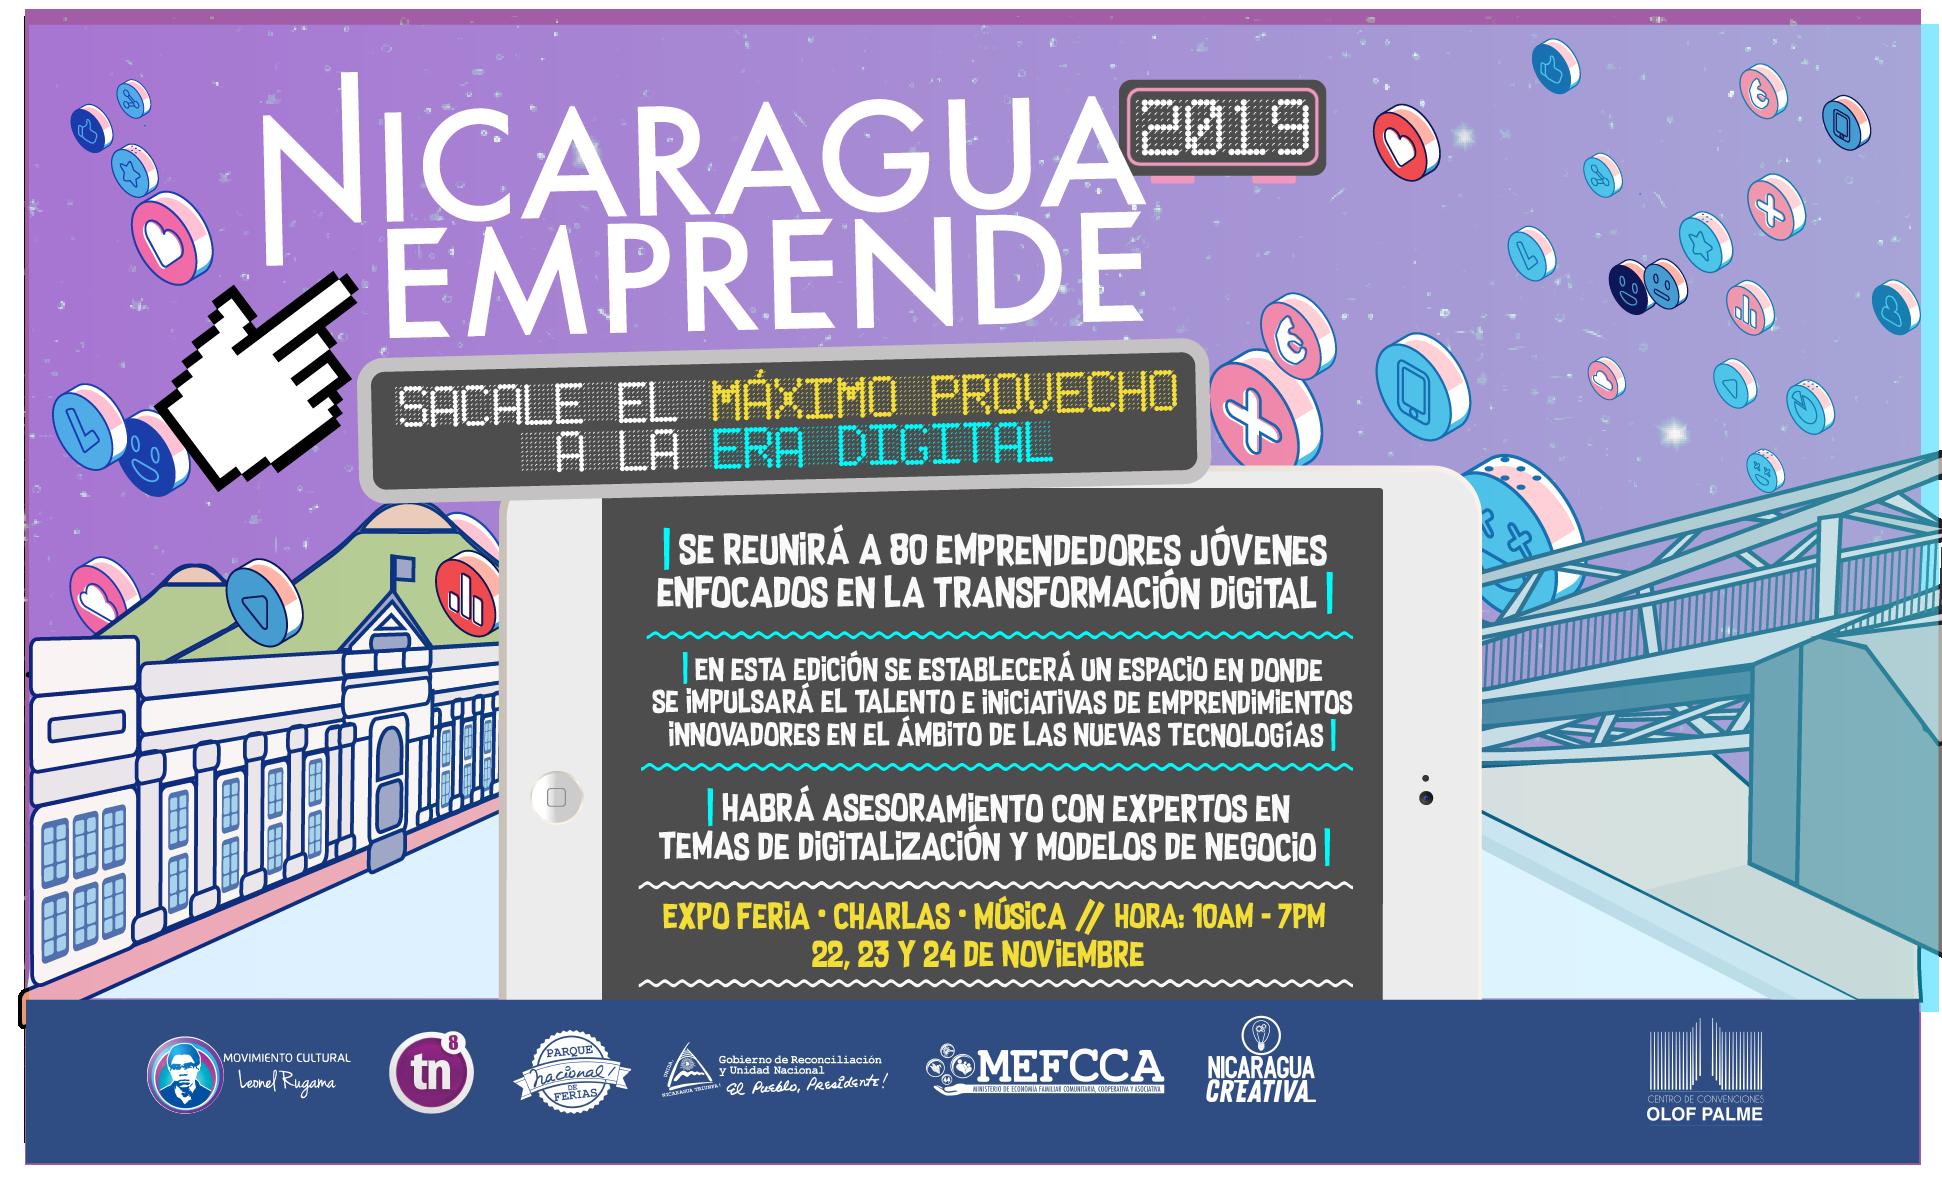 Segunda edición de Nicaragua Emprende 2019